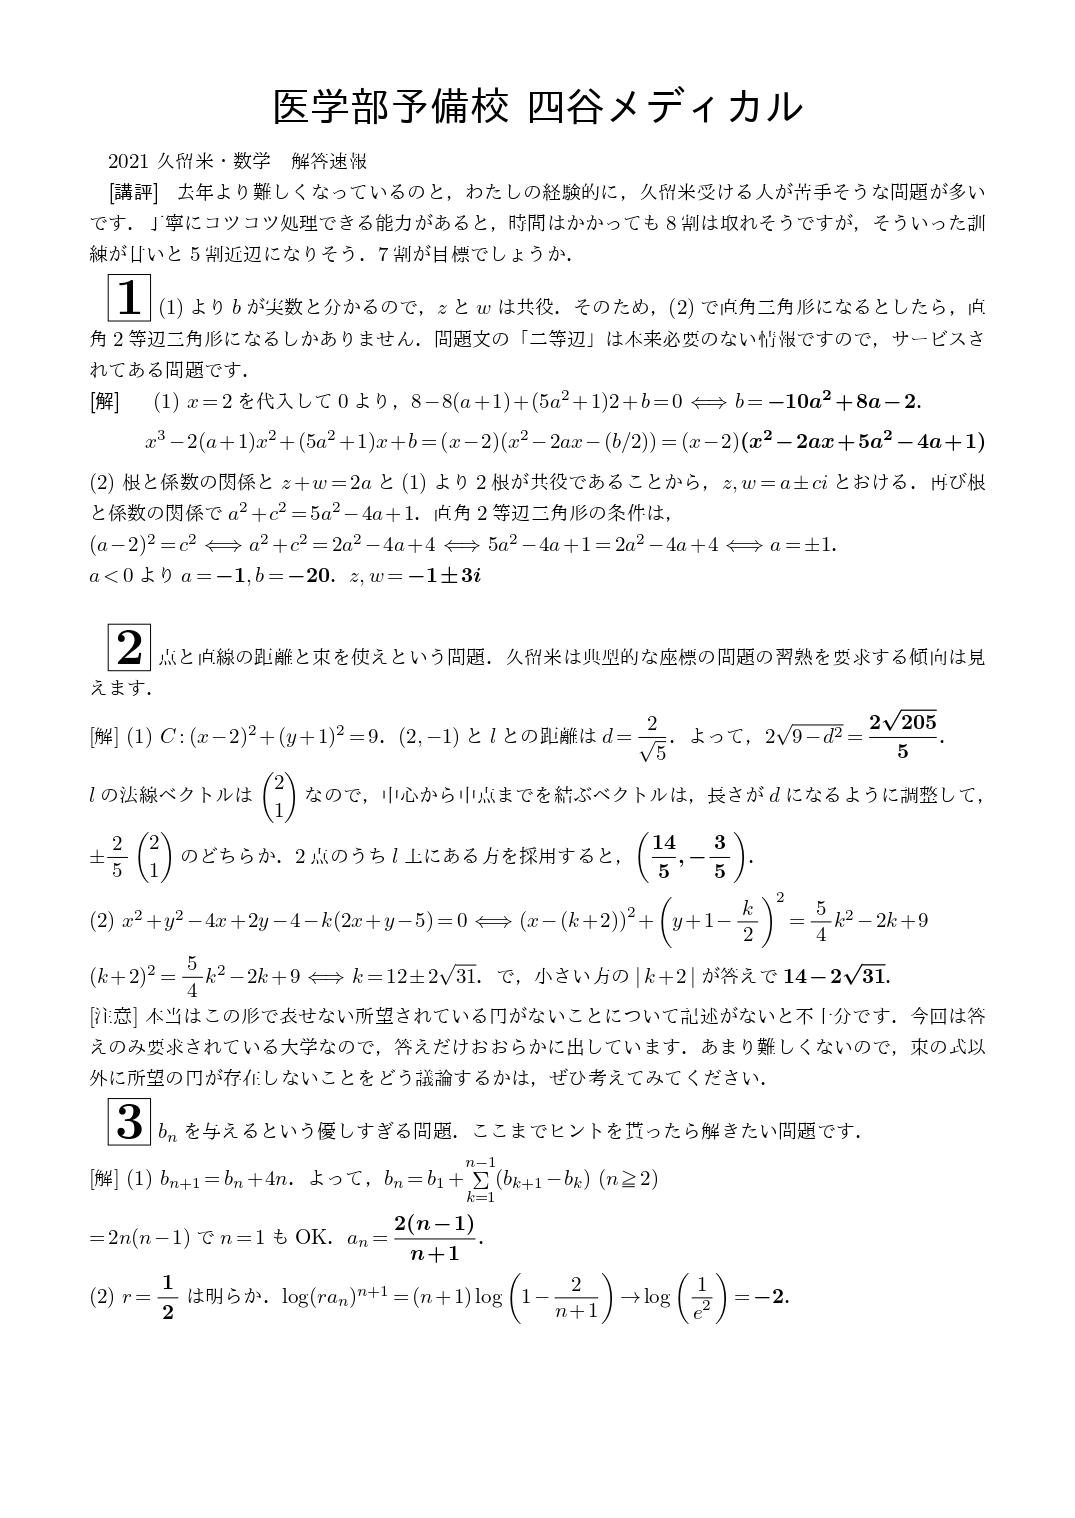 2021年2月1日 久留米大学(数学) 解答速報